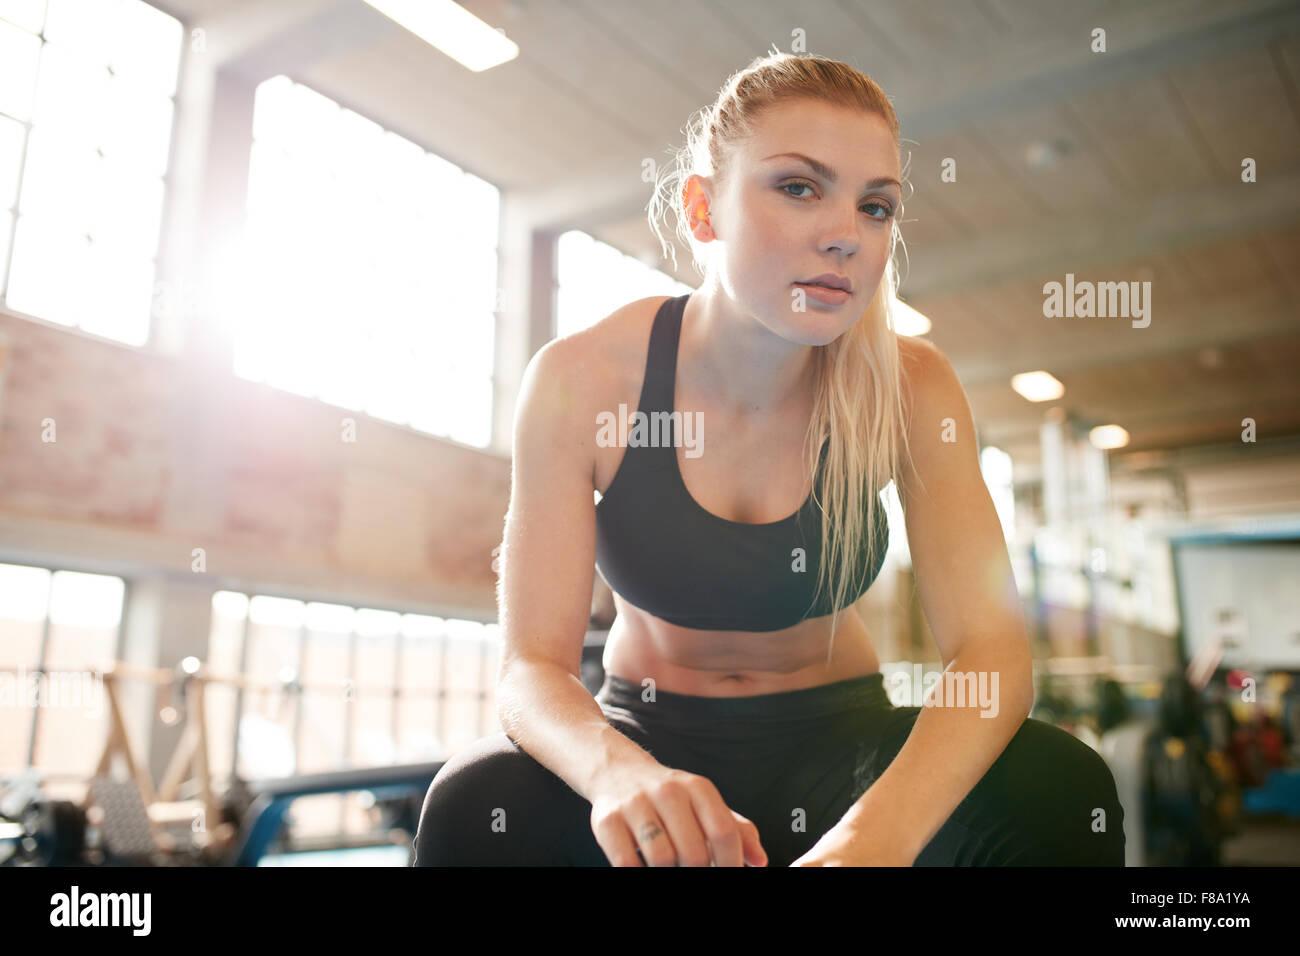 Retrato de mujer joven atractivo sentado relajado después de su entrenamiento en el gimnasio. Hembra de Fitness Imagen De Stock